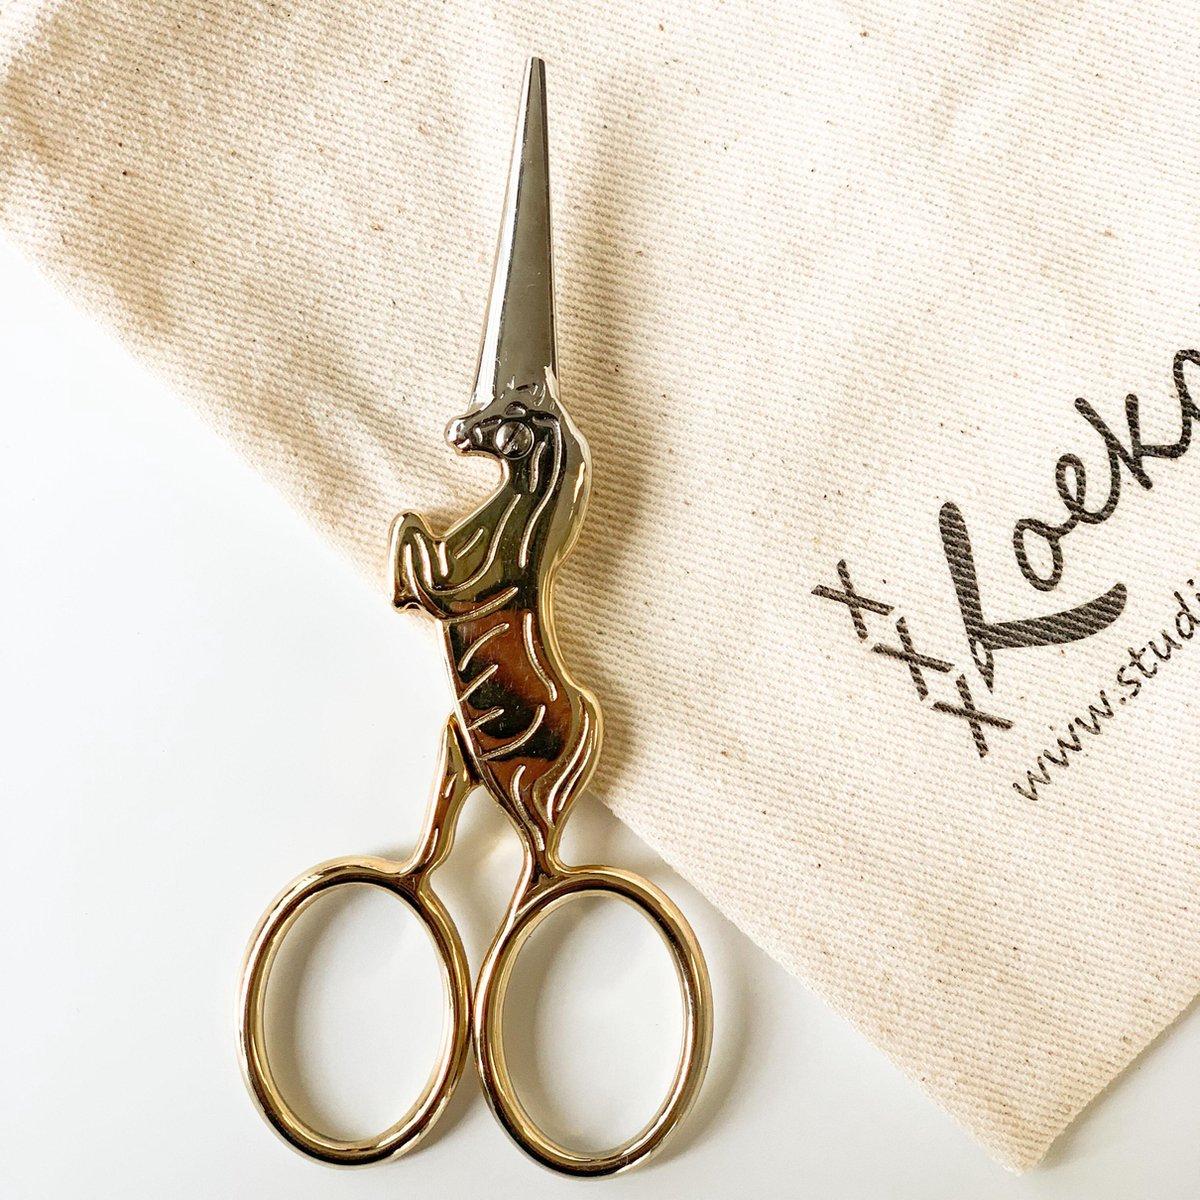 Eenhoorn borduurschaartje met bewaarzakje| Unicorn schaartje 9 cm lang met scherpe punt | Naaischaar | Kado voor naaister | goudkleurig schaartje voor knippen draadjes